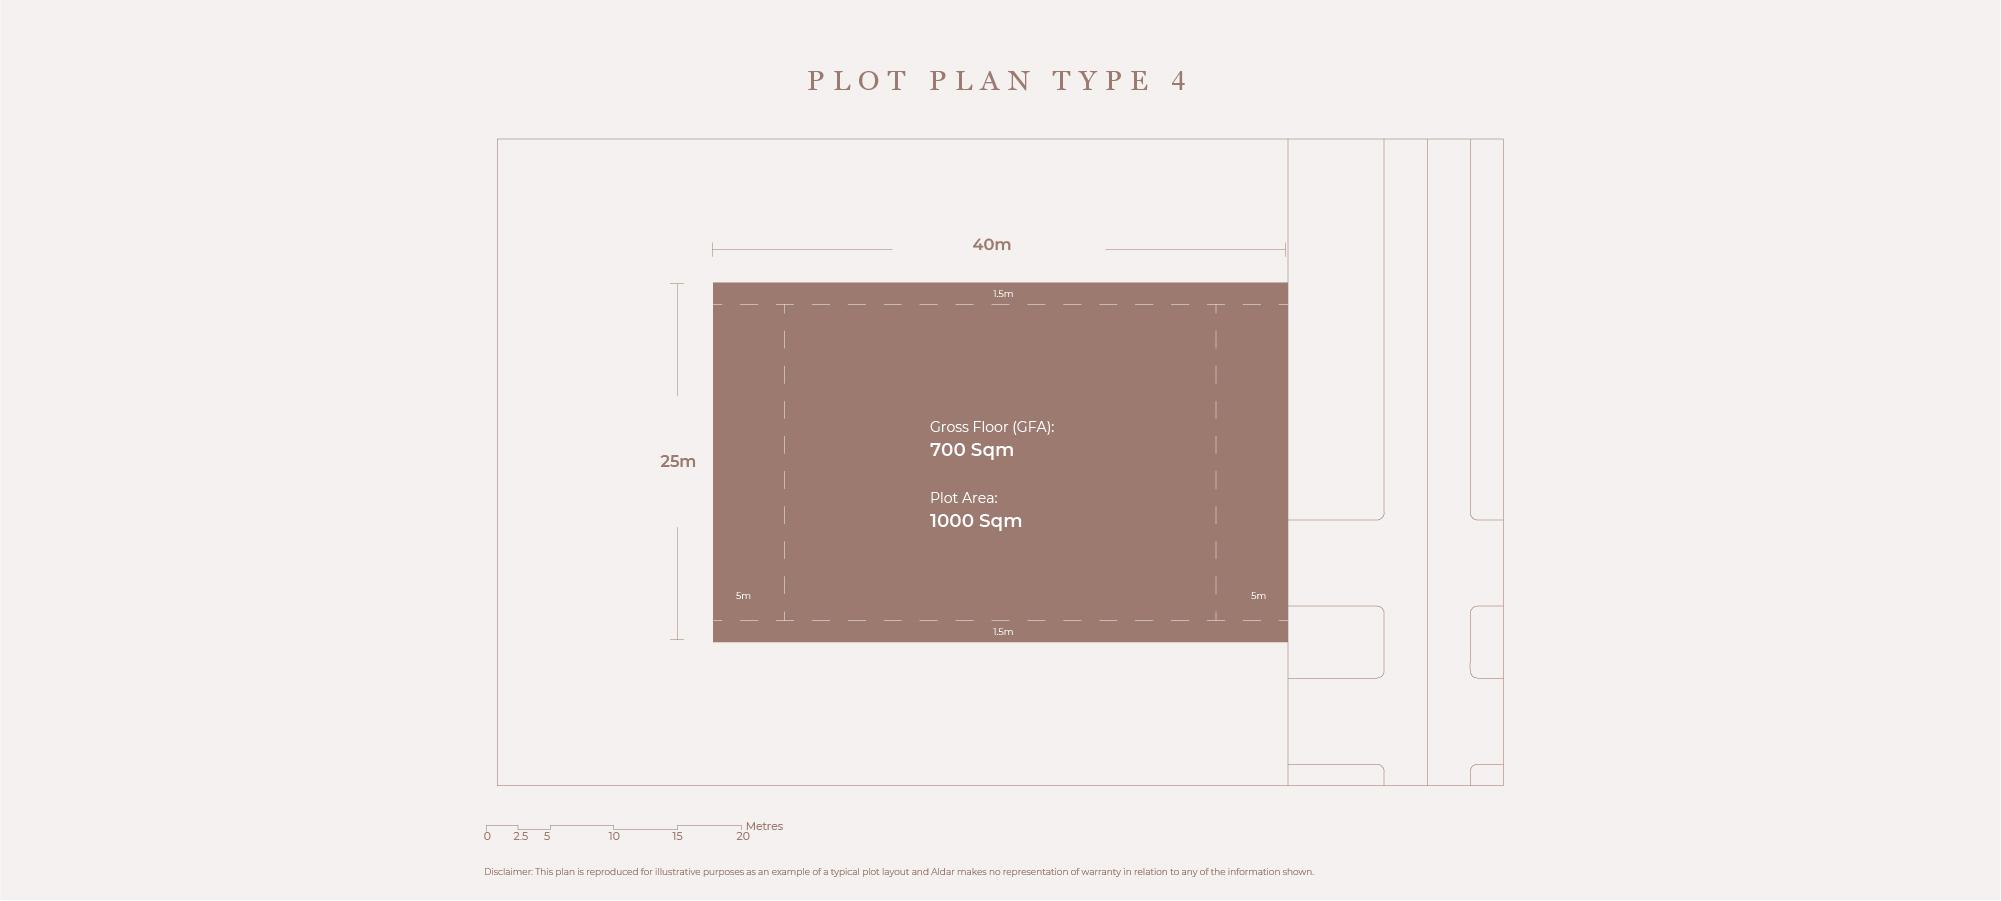 قطع أرض،  نوع الخطة 4 ، حجم 1000 متر مربع